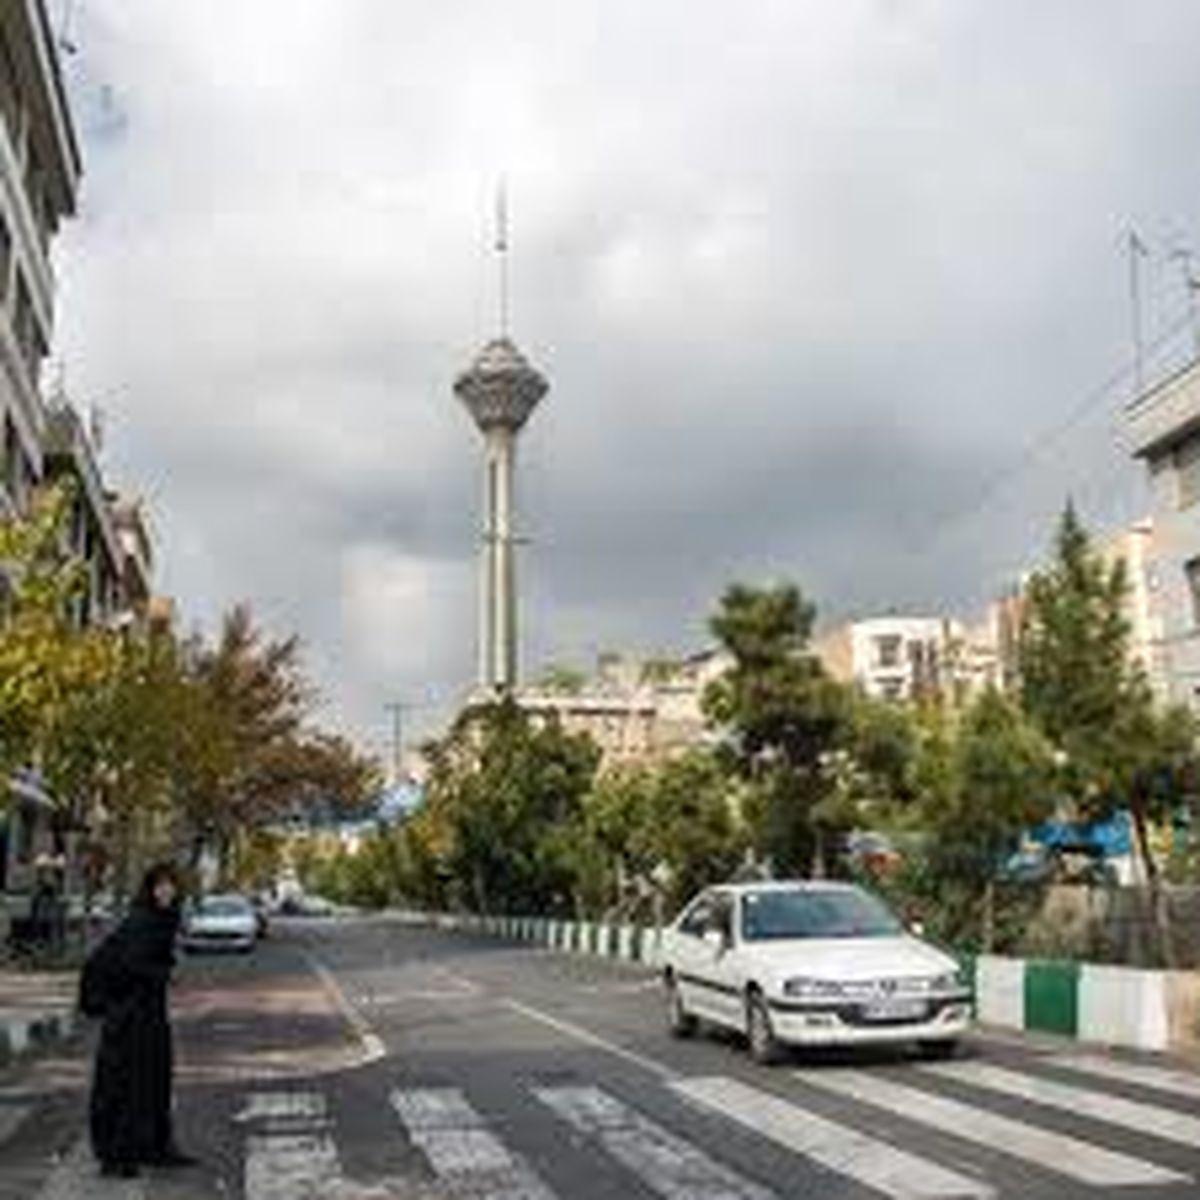 افزایش دما تا پایان هفته/ دمای ۲۱ درجه در تهران